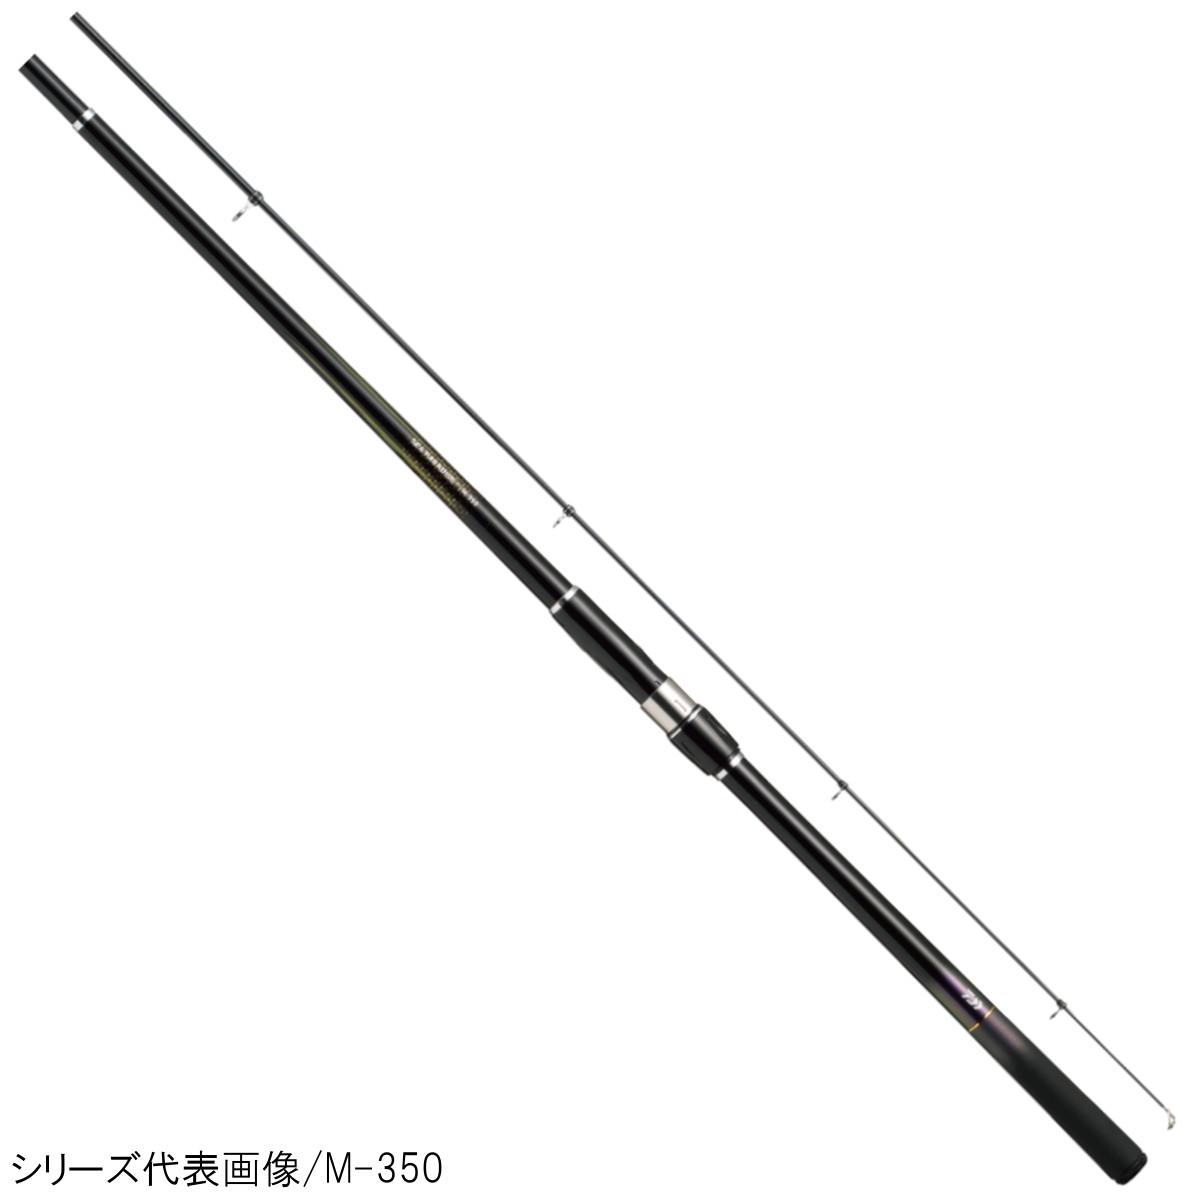 ダイワ シーパラダイス M-300・E